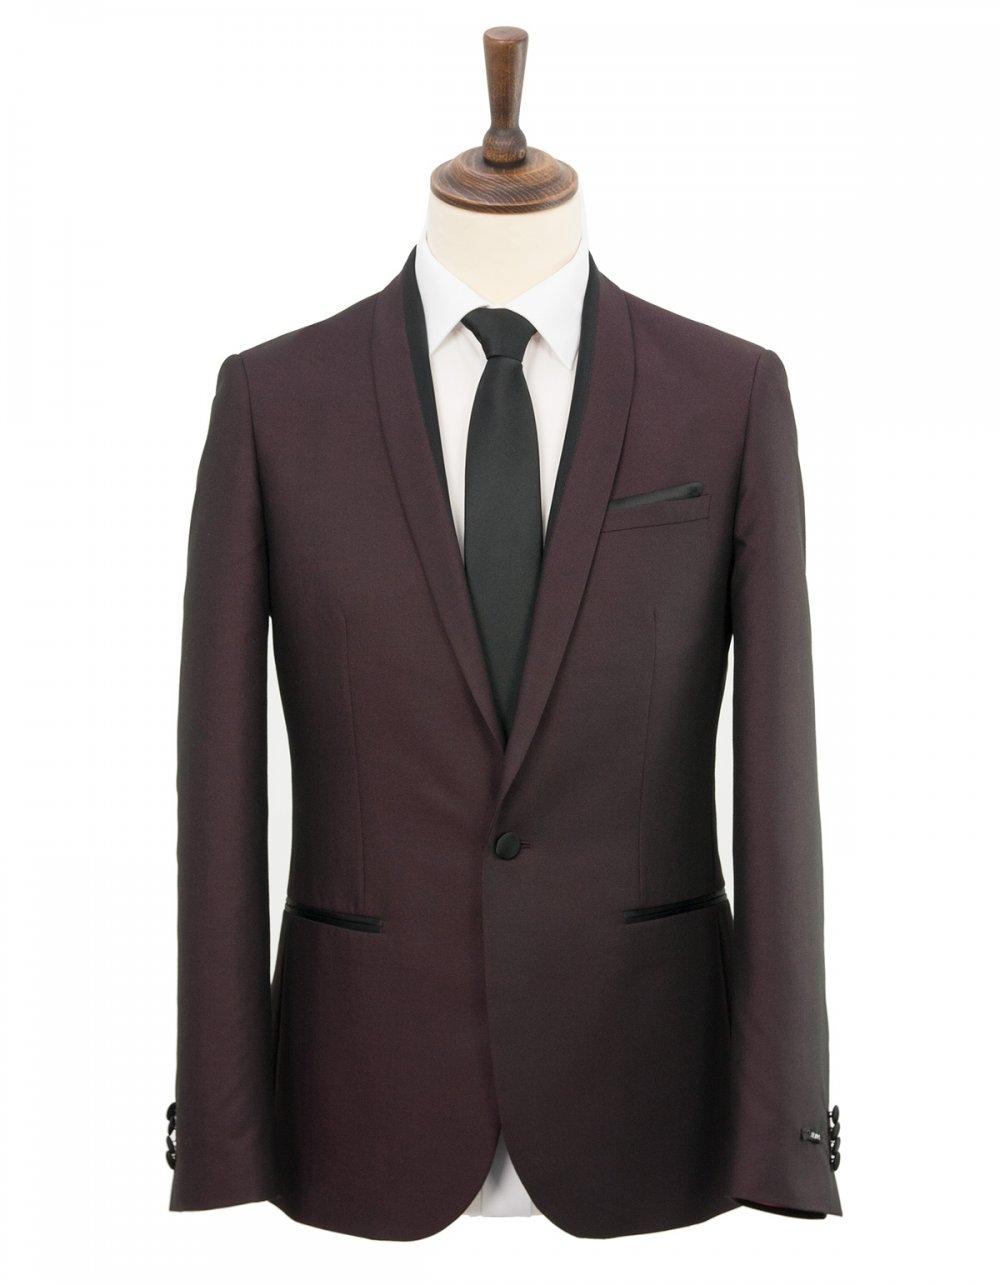 Harry Brown Slim Fit Prom Suit - Wine | Fields Menswear